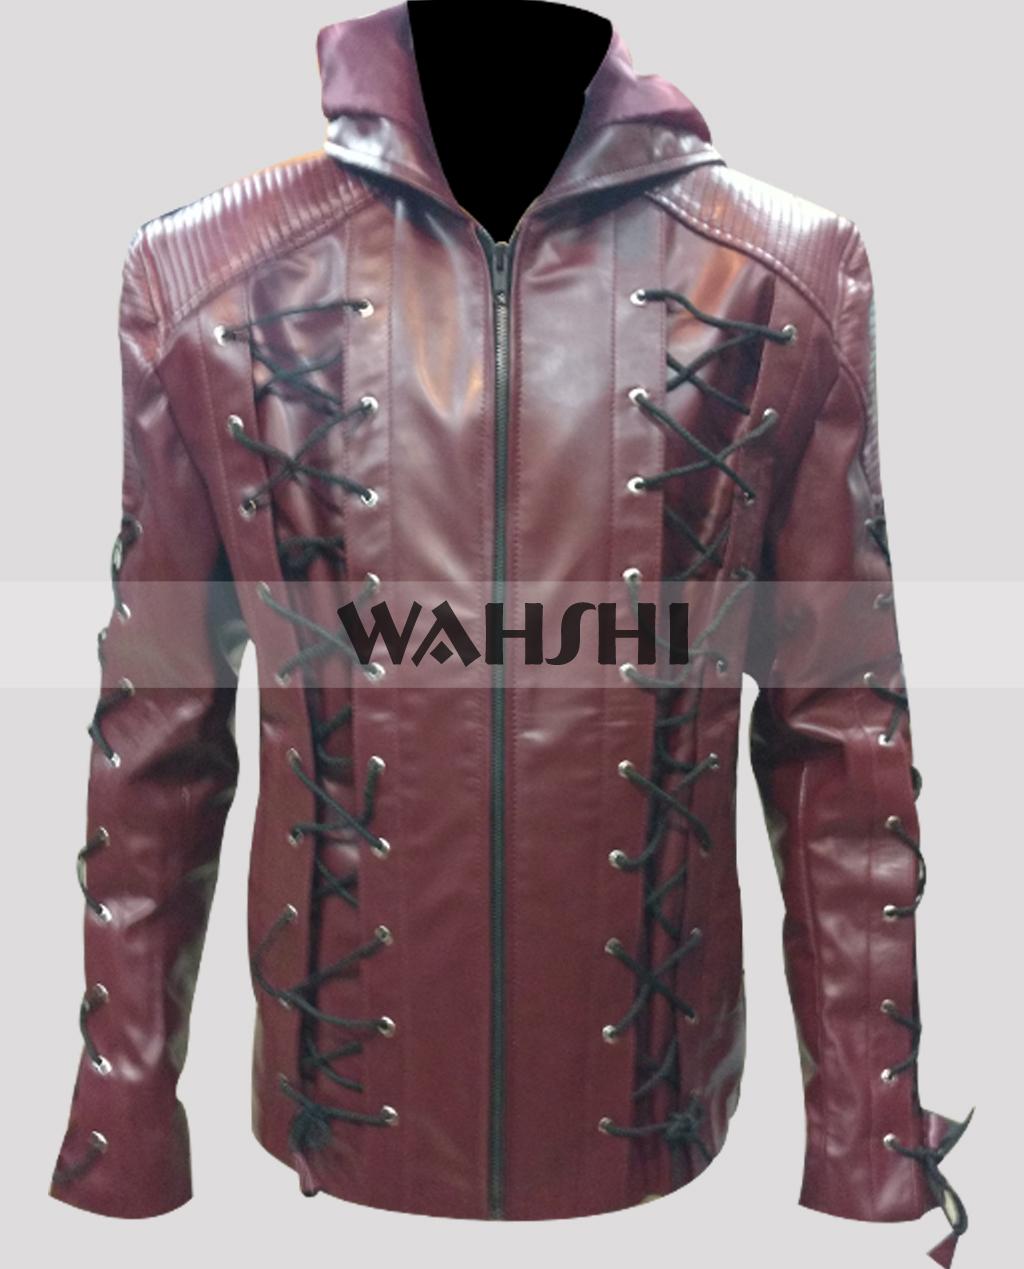 roy-harper-colton-haynes-jacket